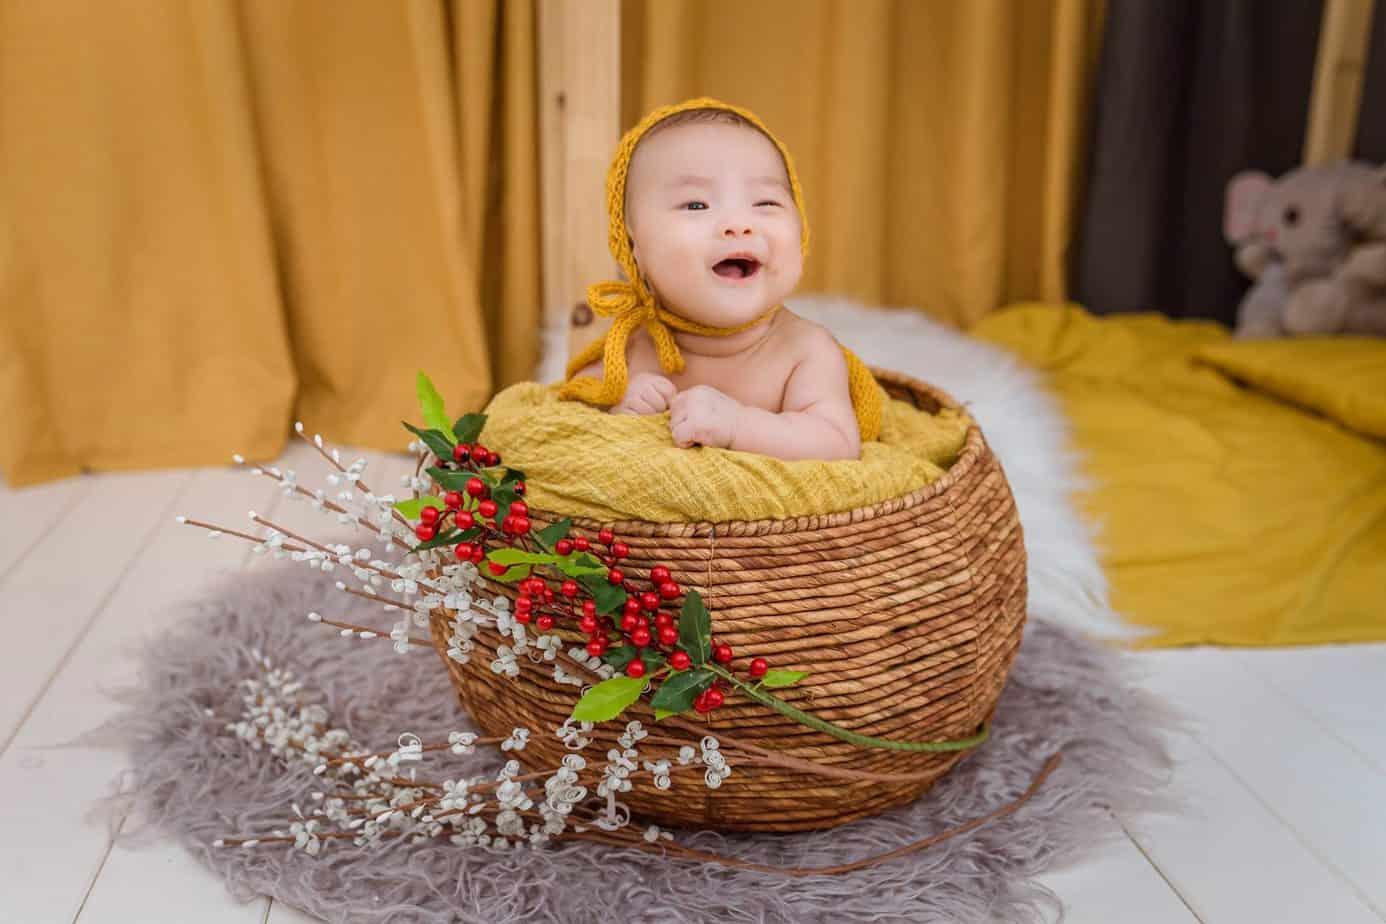 Top 10 Studio Chụp Ảnh Cho Bé Sơ Sinh Tại Nhà Được Yêu Thích Nhất - studio chụp ảnh cho bé sơ sinh tại nhà - Aloha Baby Studio | Ảnh Viện Suri Việt Nam | Bống Baby House 71